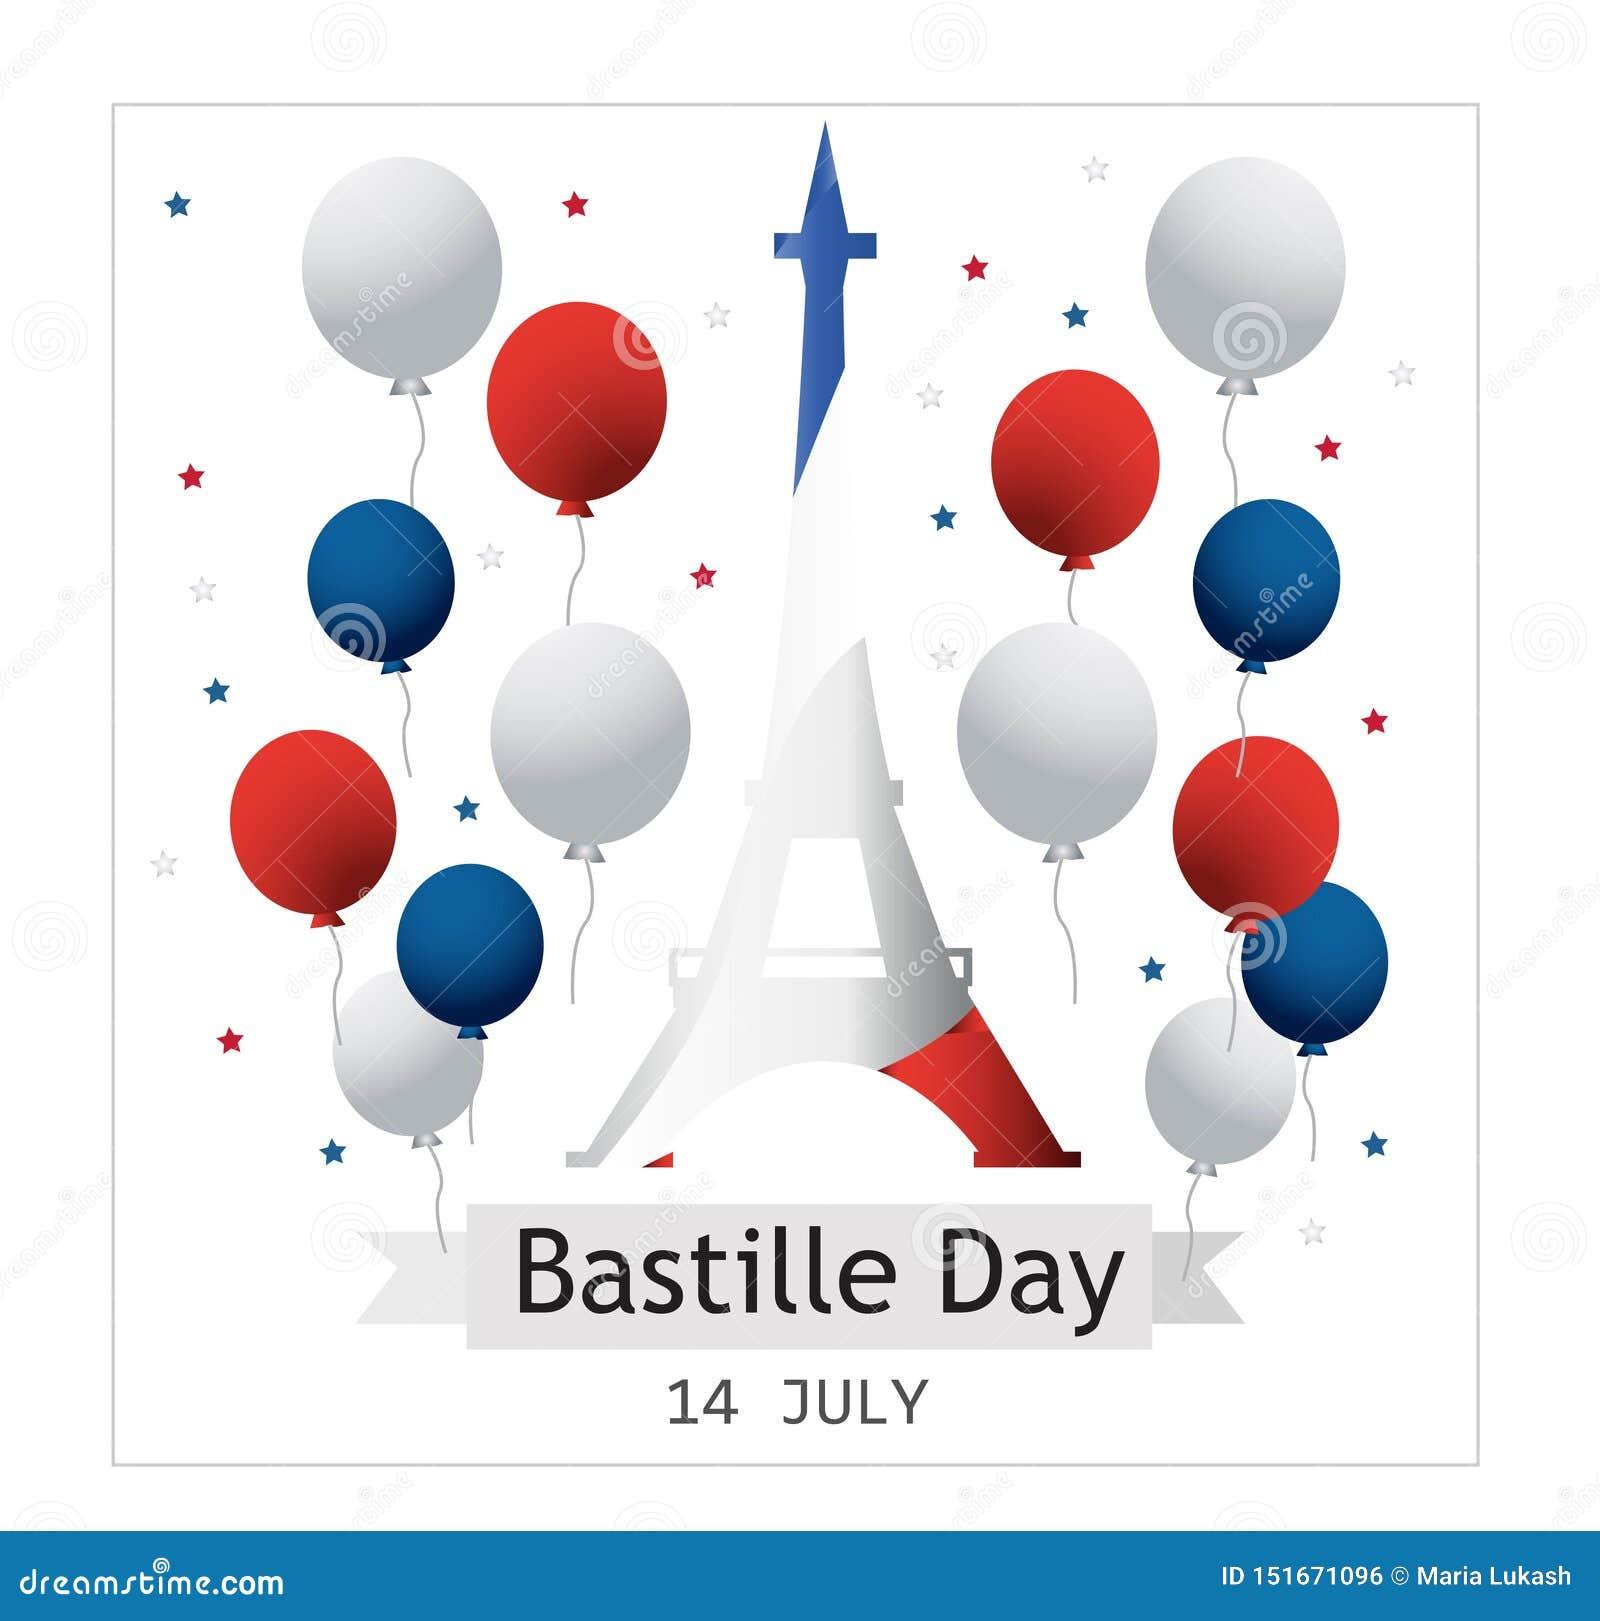 Francuski ?wi?to pa?stwowe 14 Lipiec Szczęśliwy Bastille dzień! Płaski sztandar w kolorach flaga państowowa Francja dla karty i p